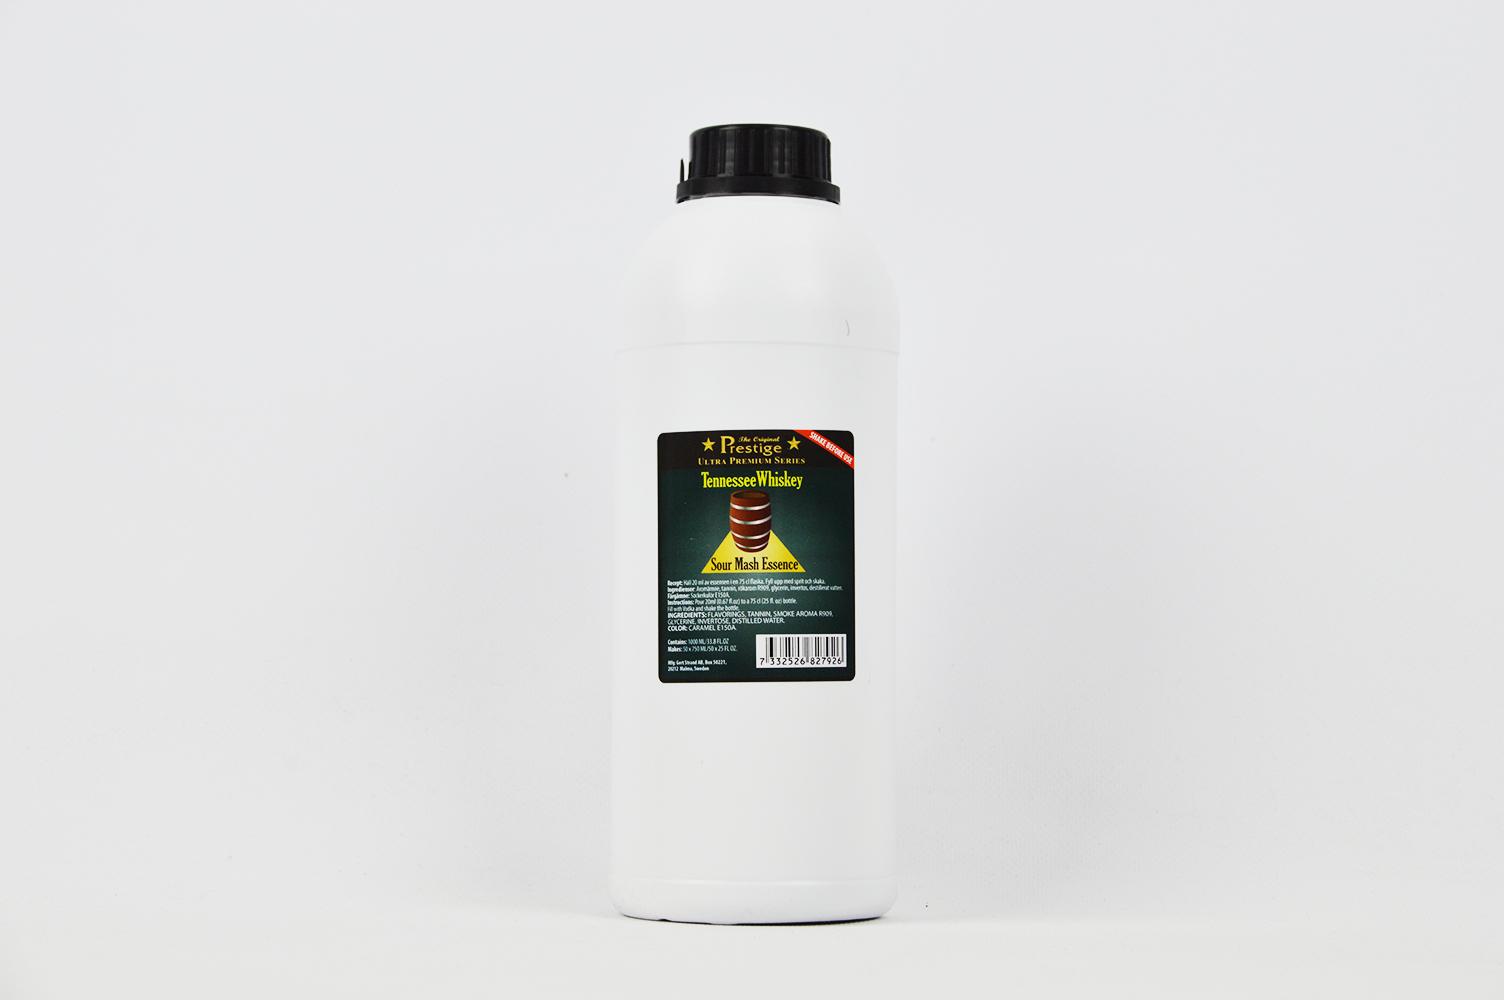 Podstatou alkoholu TENNESSEE WHISKEY 1L 37,5 L